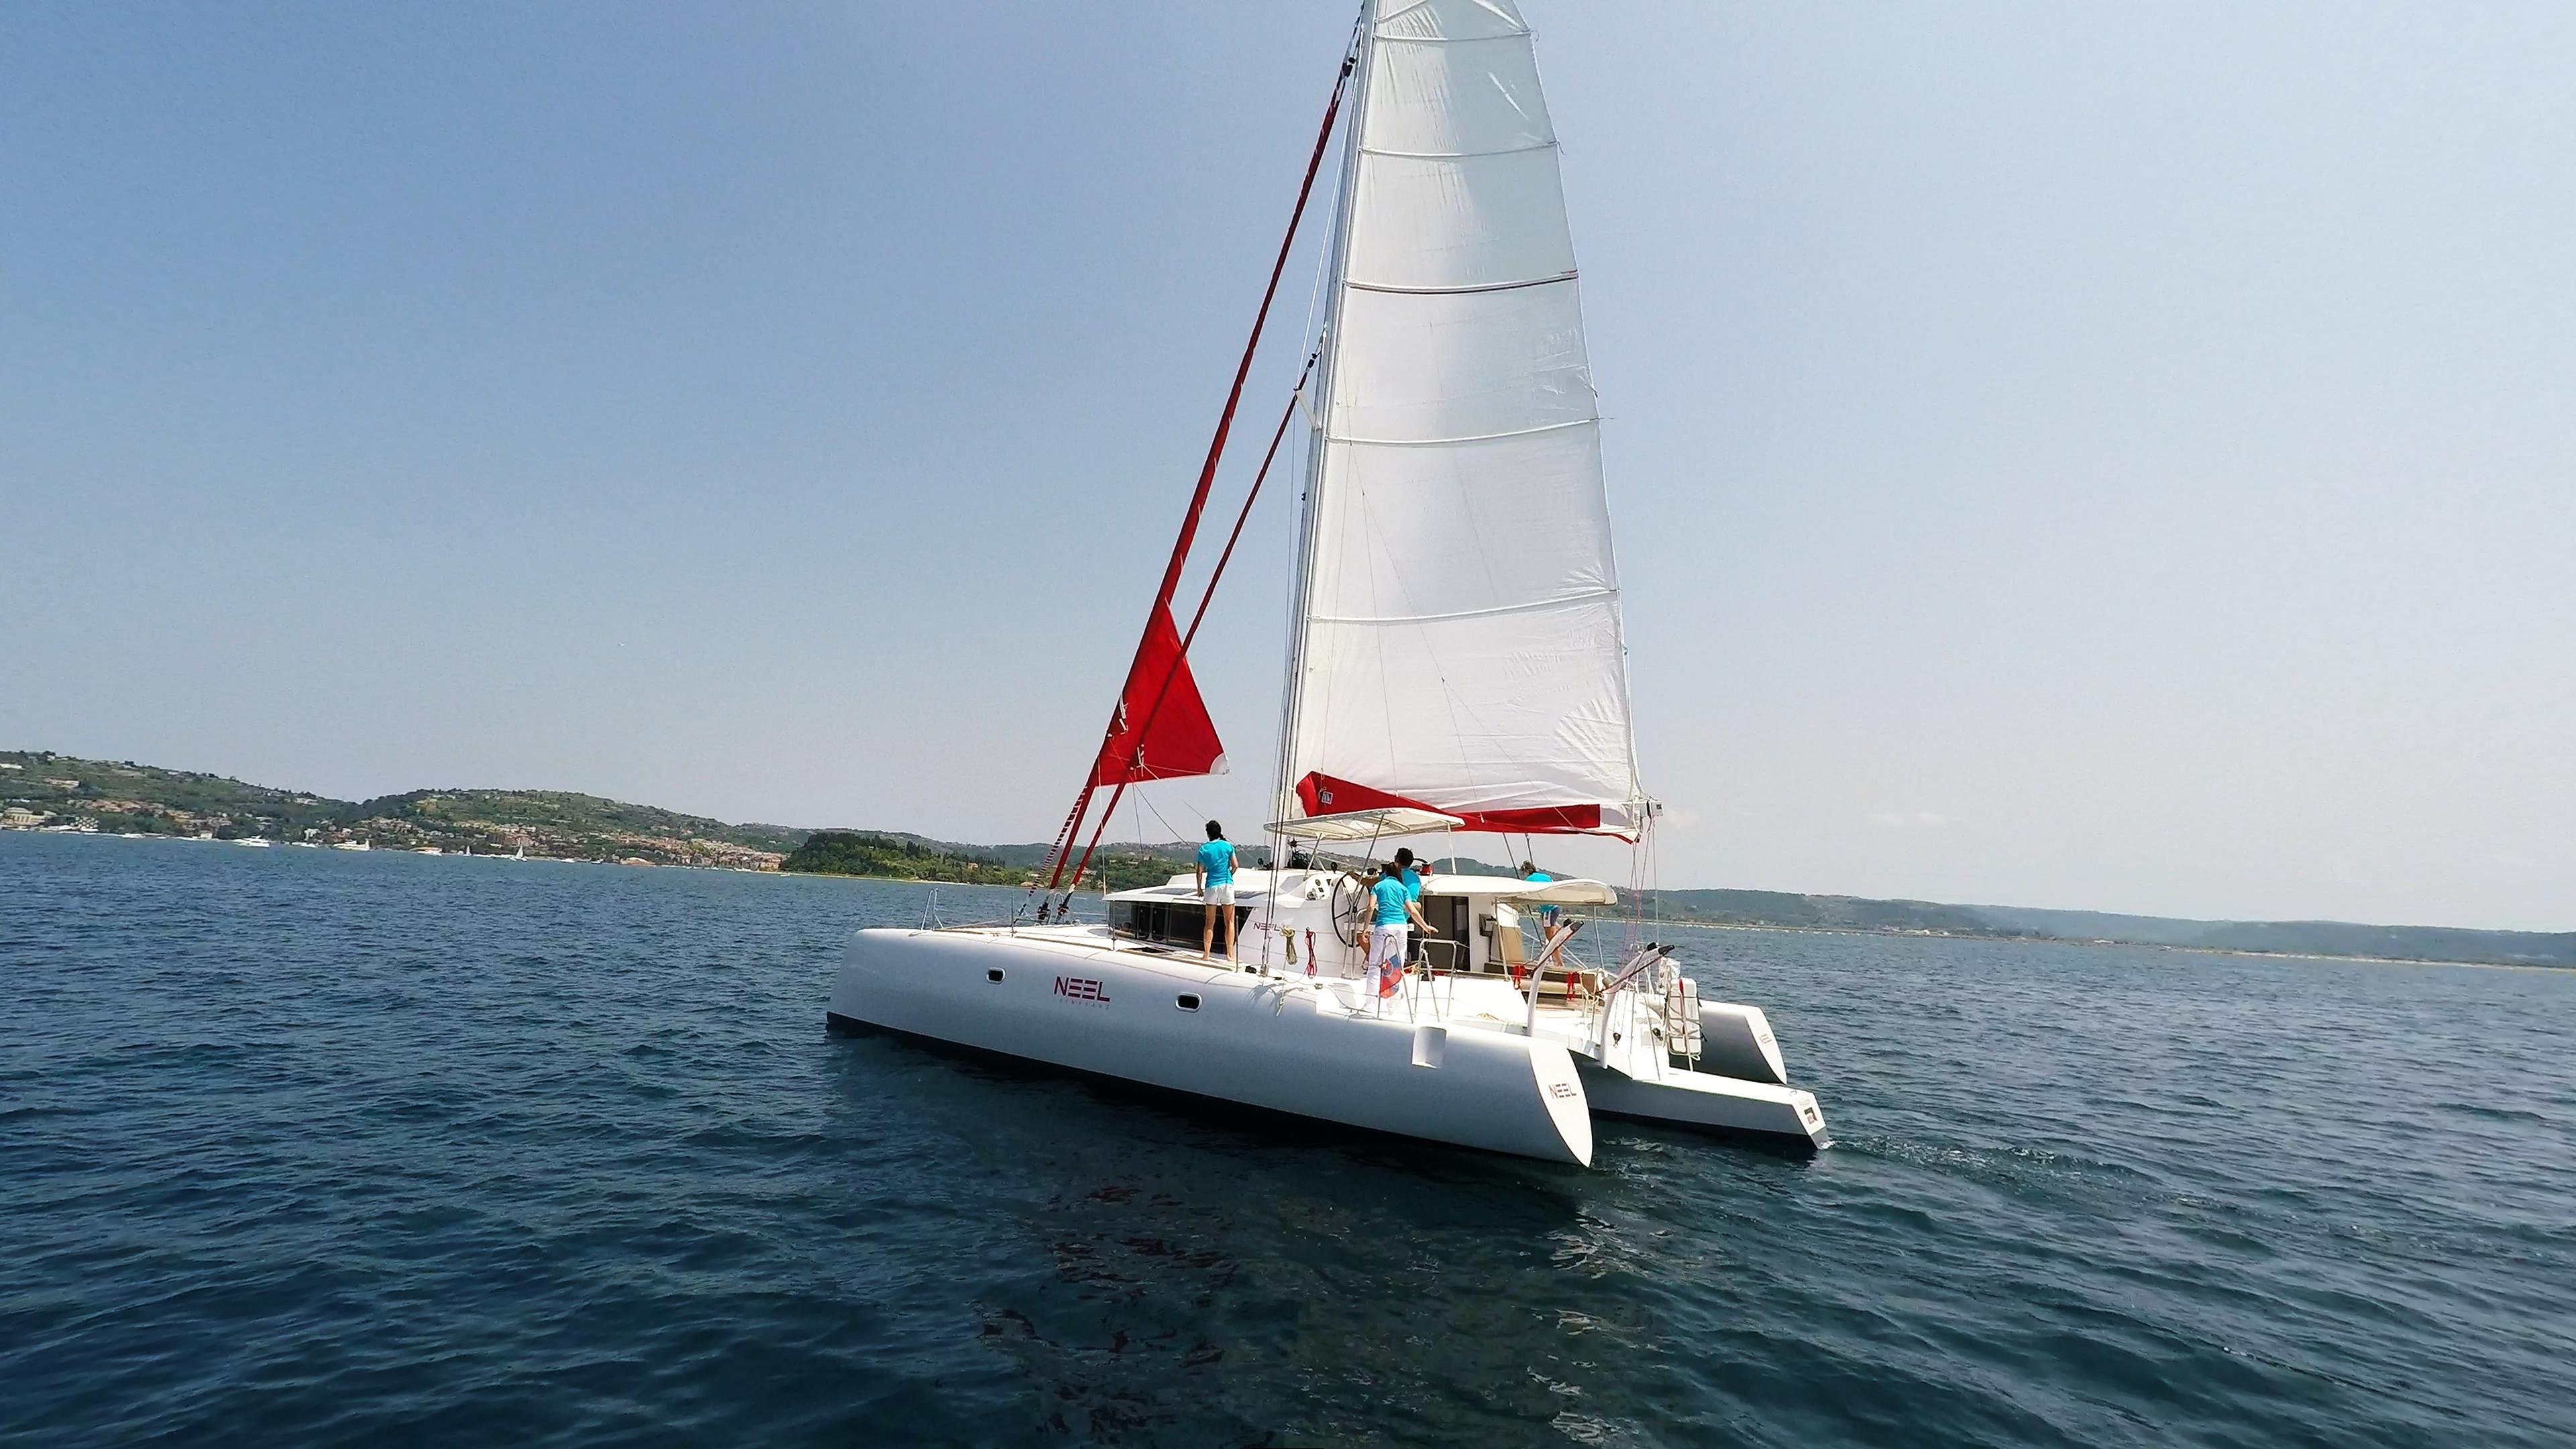 multiscafo yacht neel 45 hoisting gennaker vela